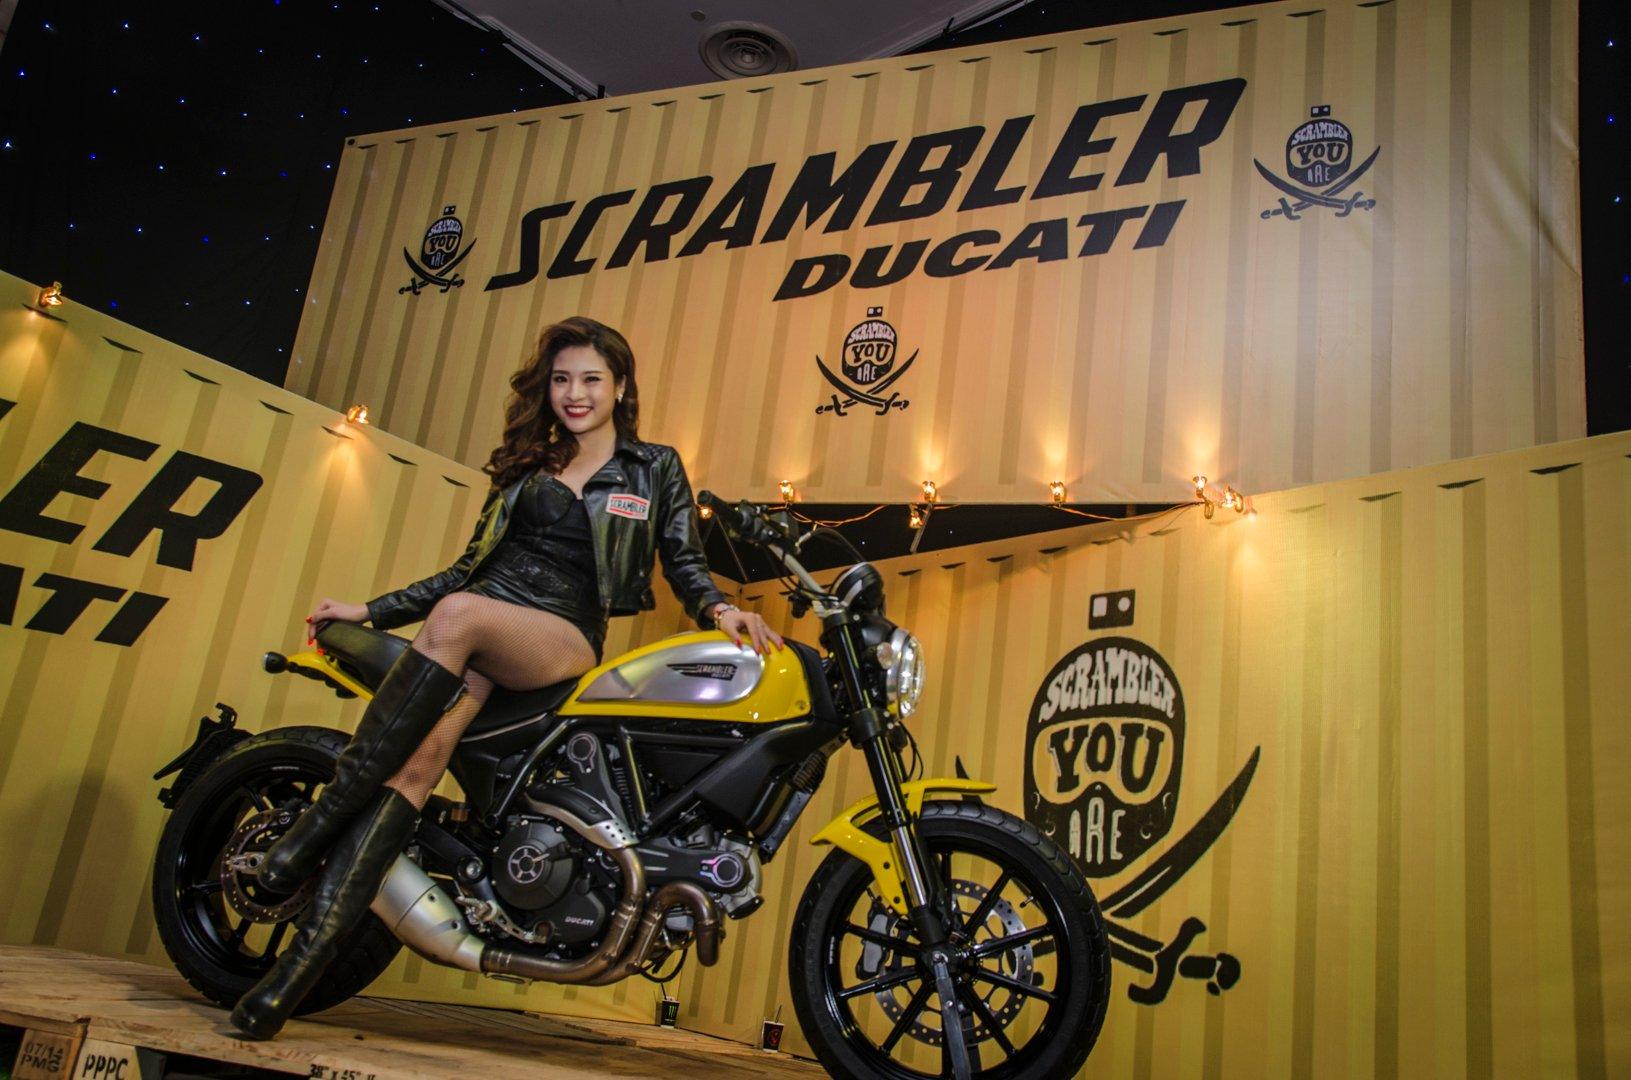 Ducati Scrambler ra mắt, giá từ 303 triệu đồng 7